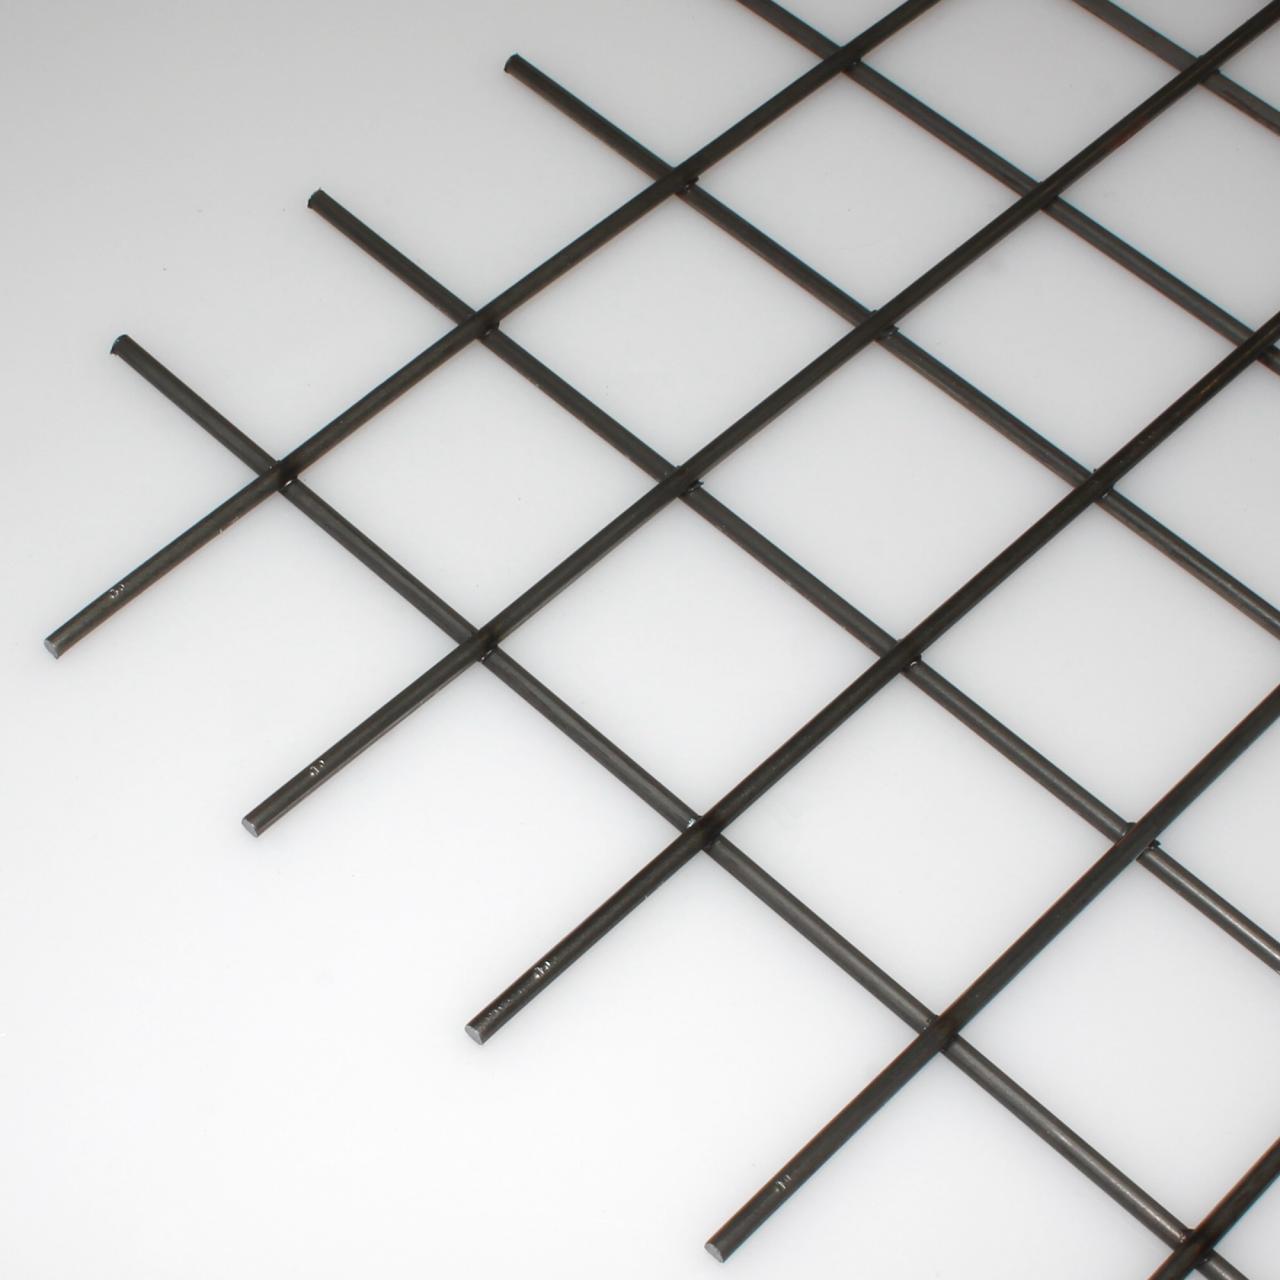 Schweissgitter blank 40x3,8 mm, 2000 x 1000 mm | Schweissgitter ...